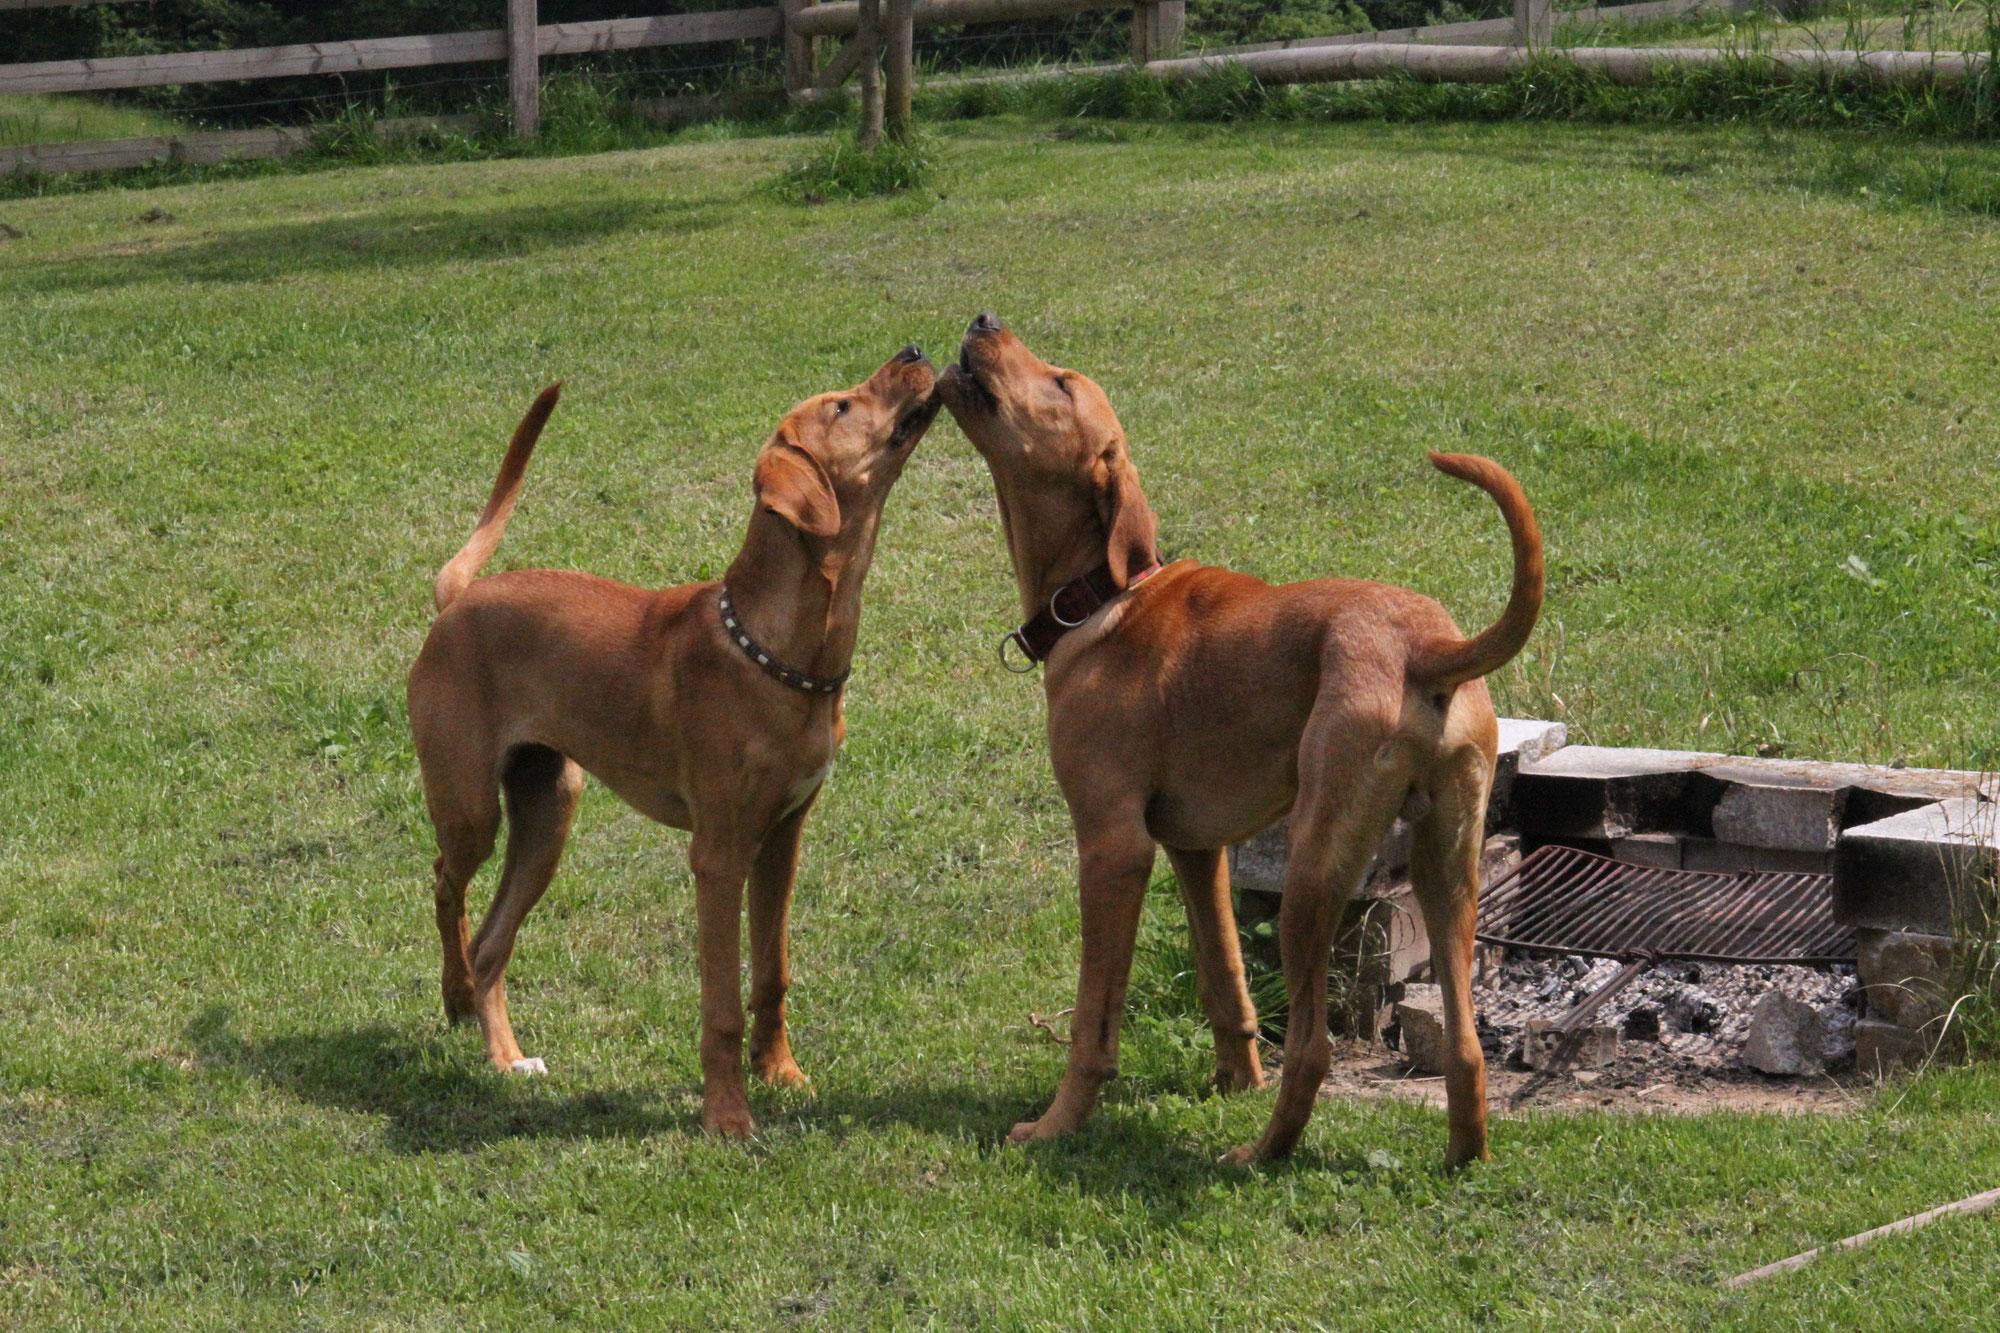 Bruder und Schwester beim Toben - Ben ❤️ und Baily ❤️